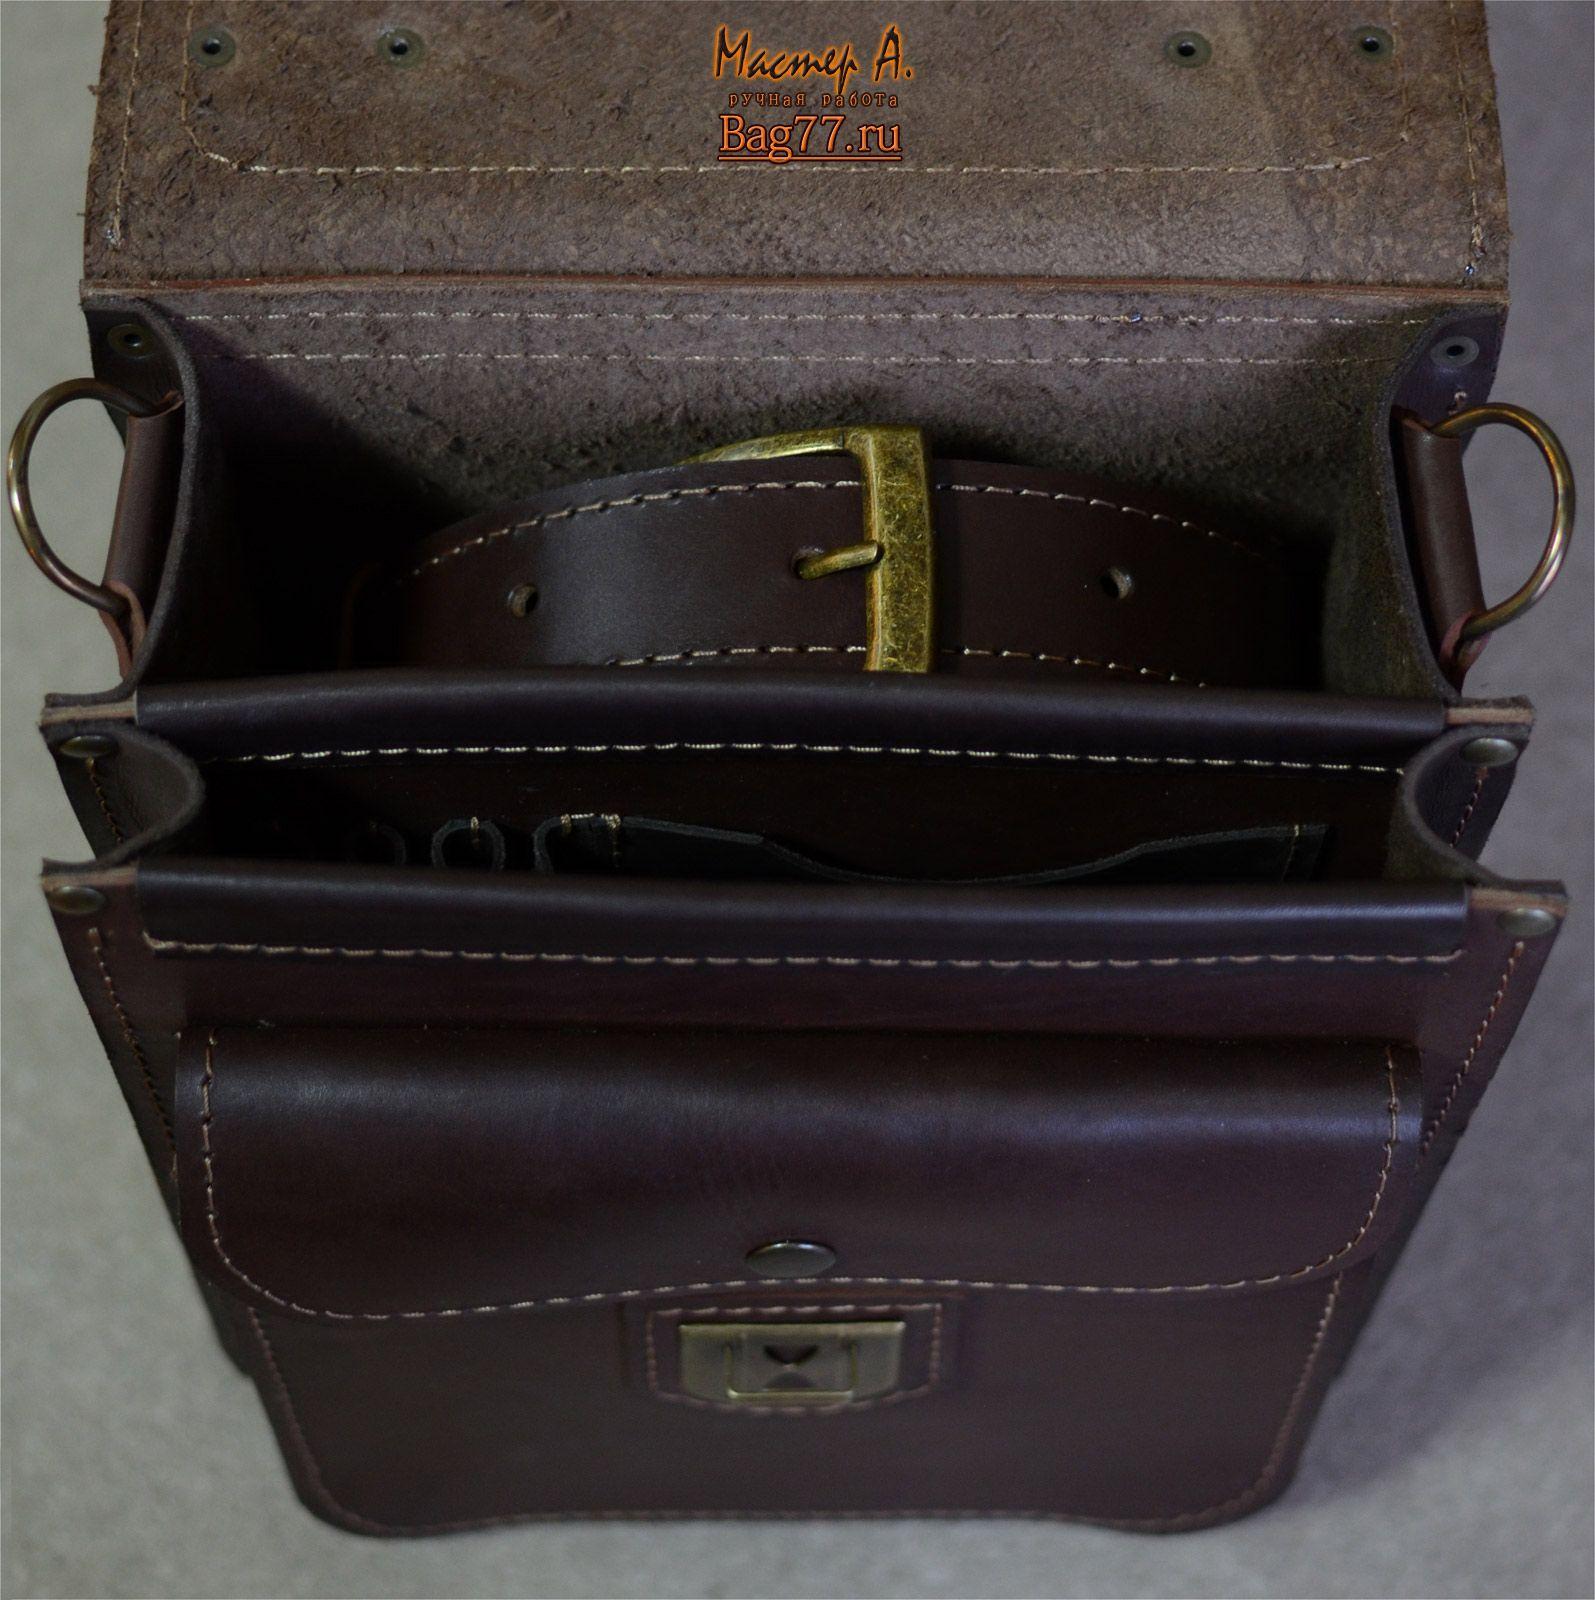 4b2aaedd03c3 большая барсетка ручной работы | Х | Кожаные сумки, Кожа, Мужская ...